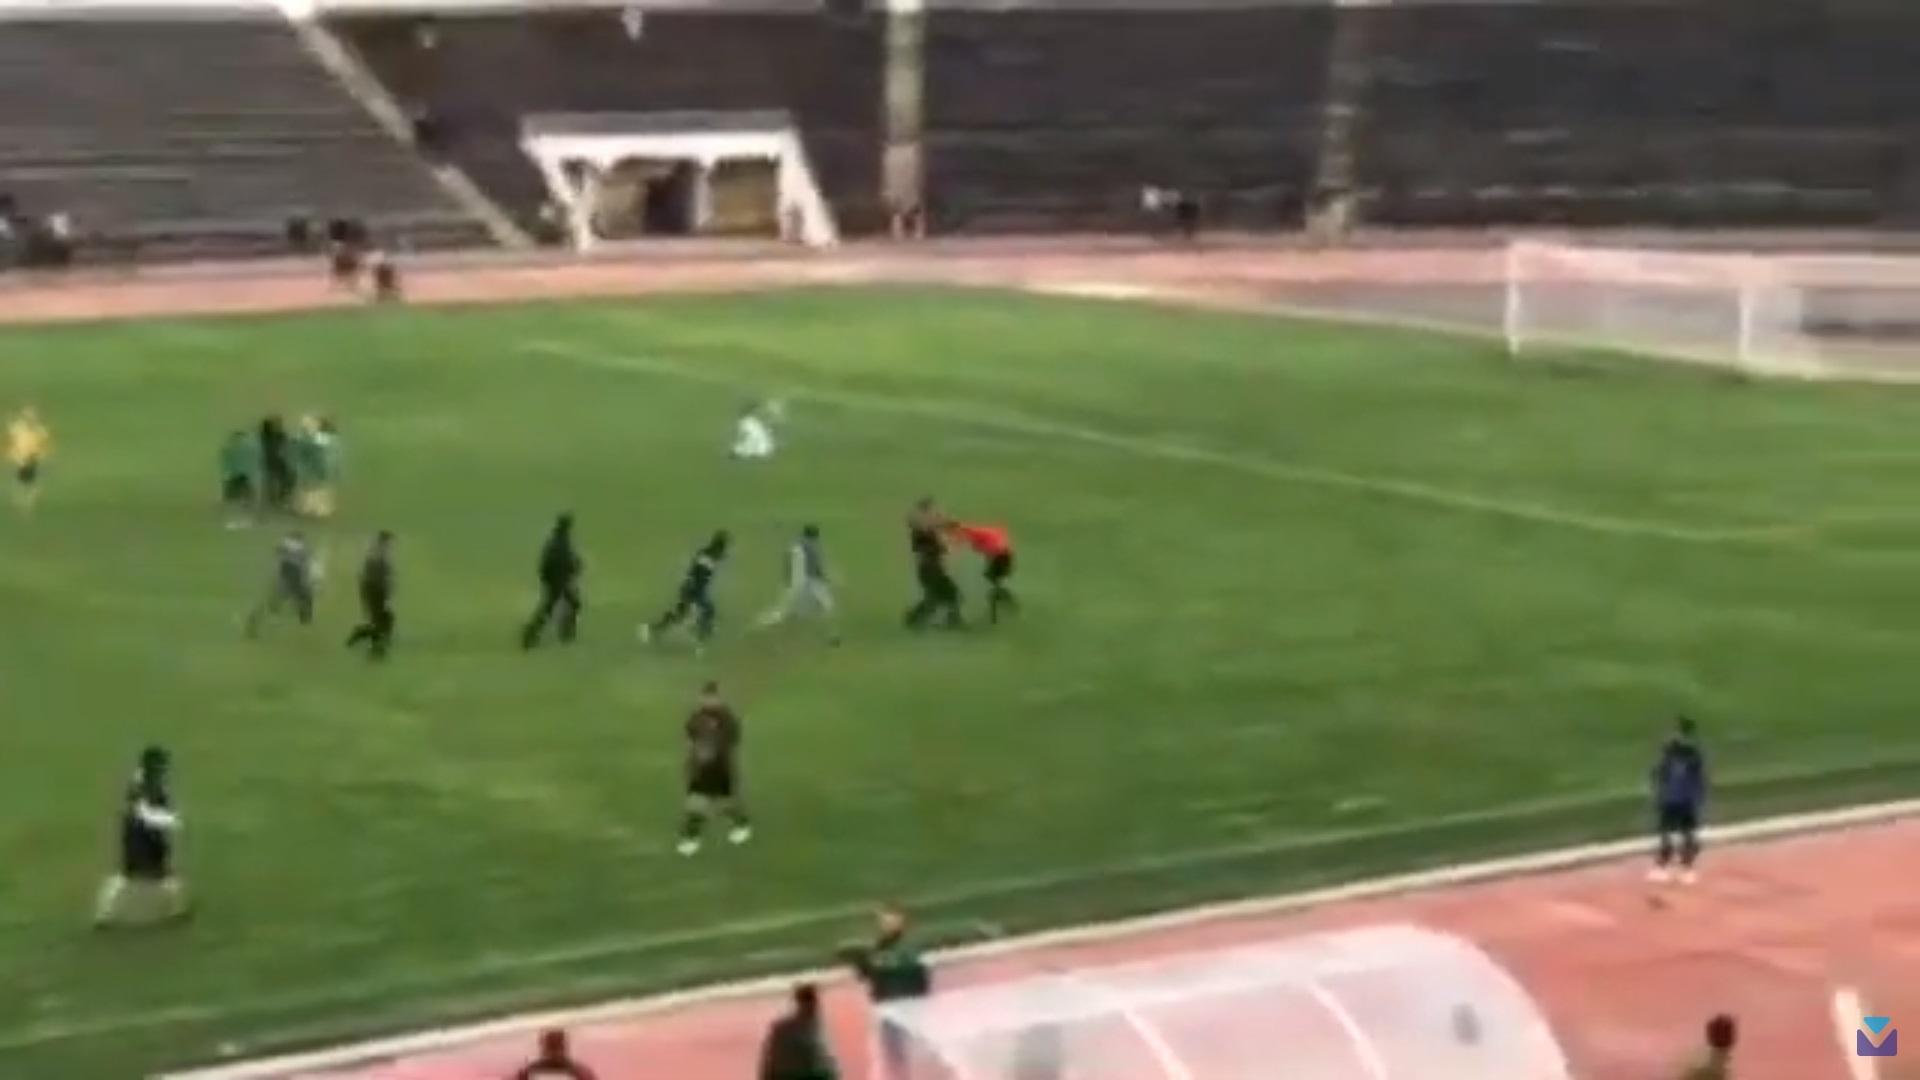 Усім натовпом: у Вінниці вболівальники побили арбітра прямо на полі (відео)